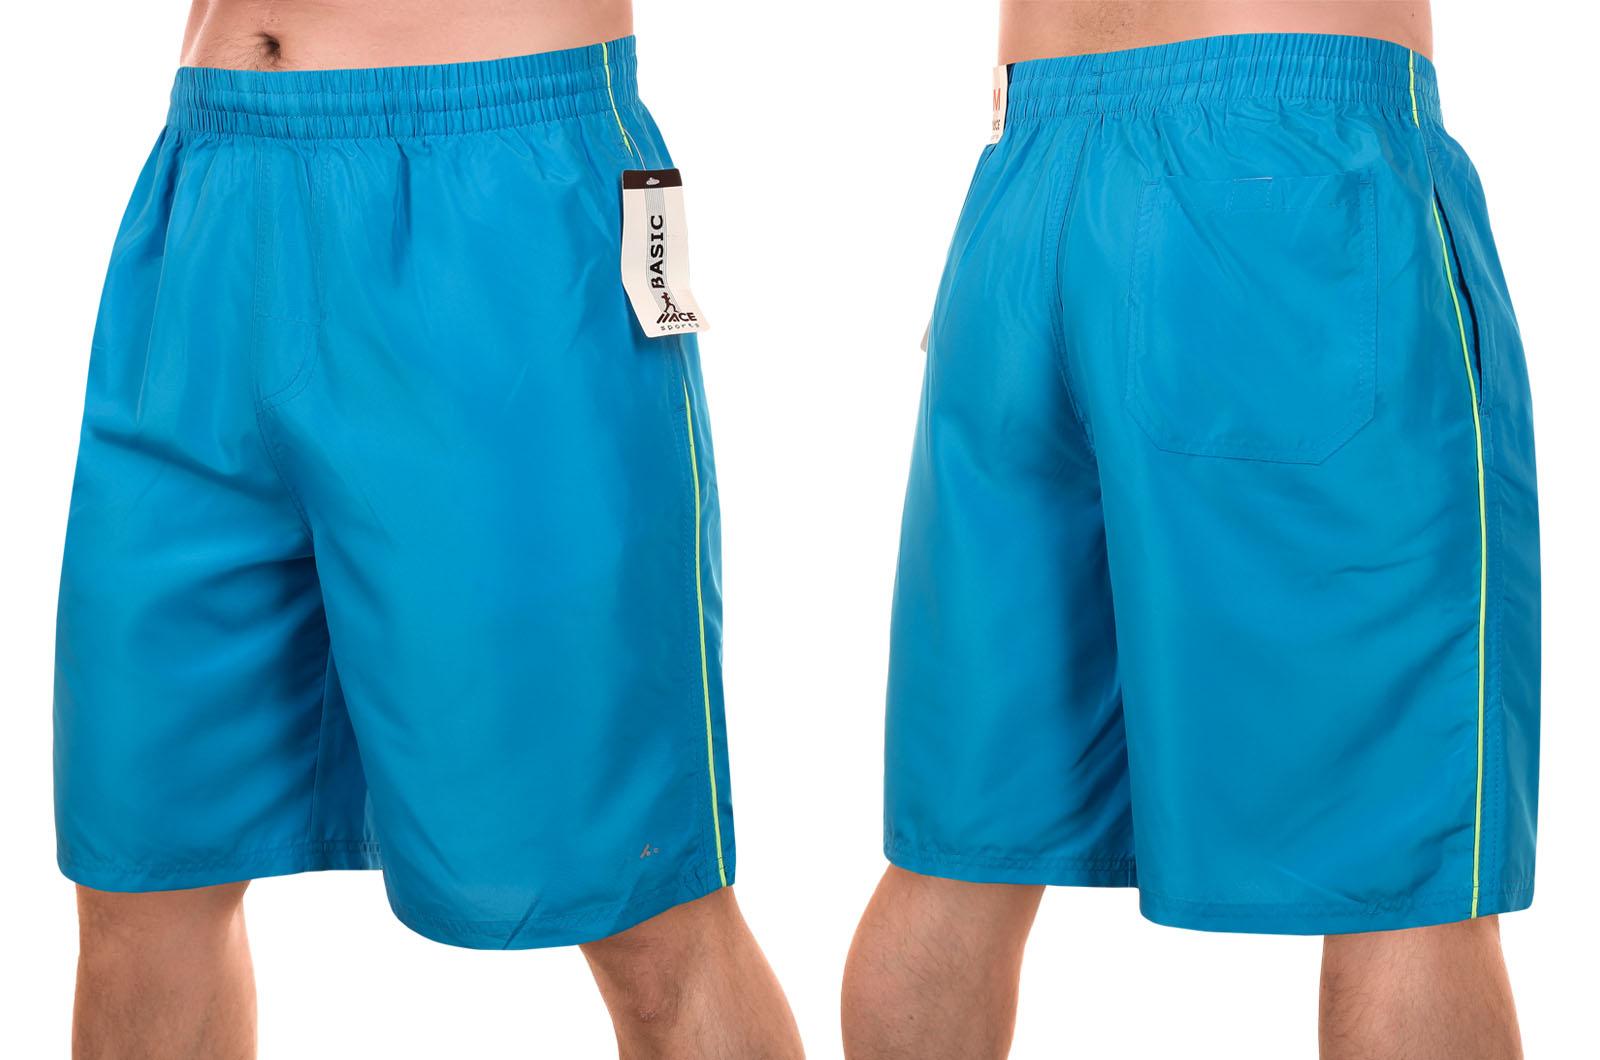 Заказать стильные мужские шорты для пляжа от бренда MACE (Канада)